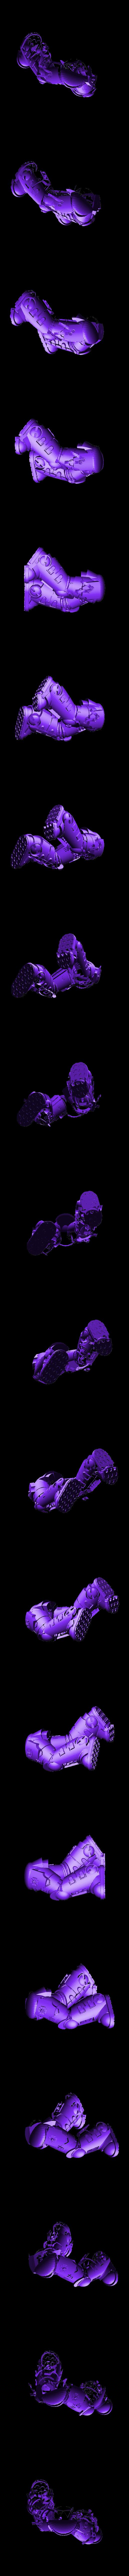 Legs 7.stl Télécharger fichier STL gratuit L'équipe des Chevaliers gris Primaris • Modèle pour imprimante 3D, joeldawson93